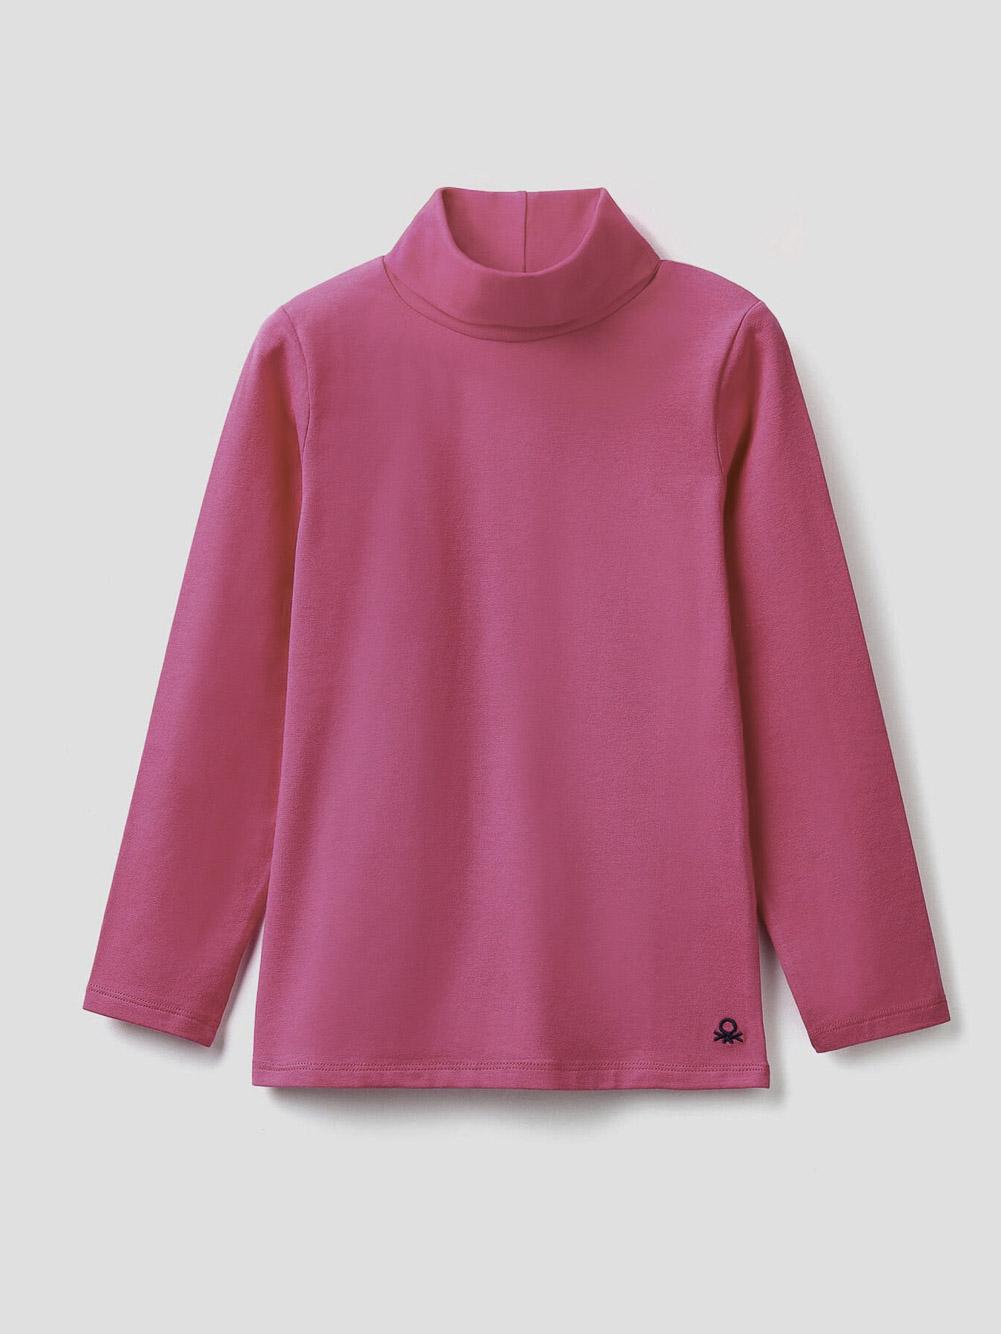 012 BENETTON T-shirt με γιακά ζιβάγκο 3P4ZC2193 20A02A